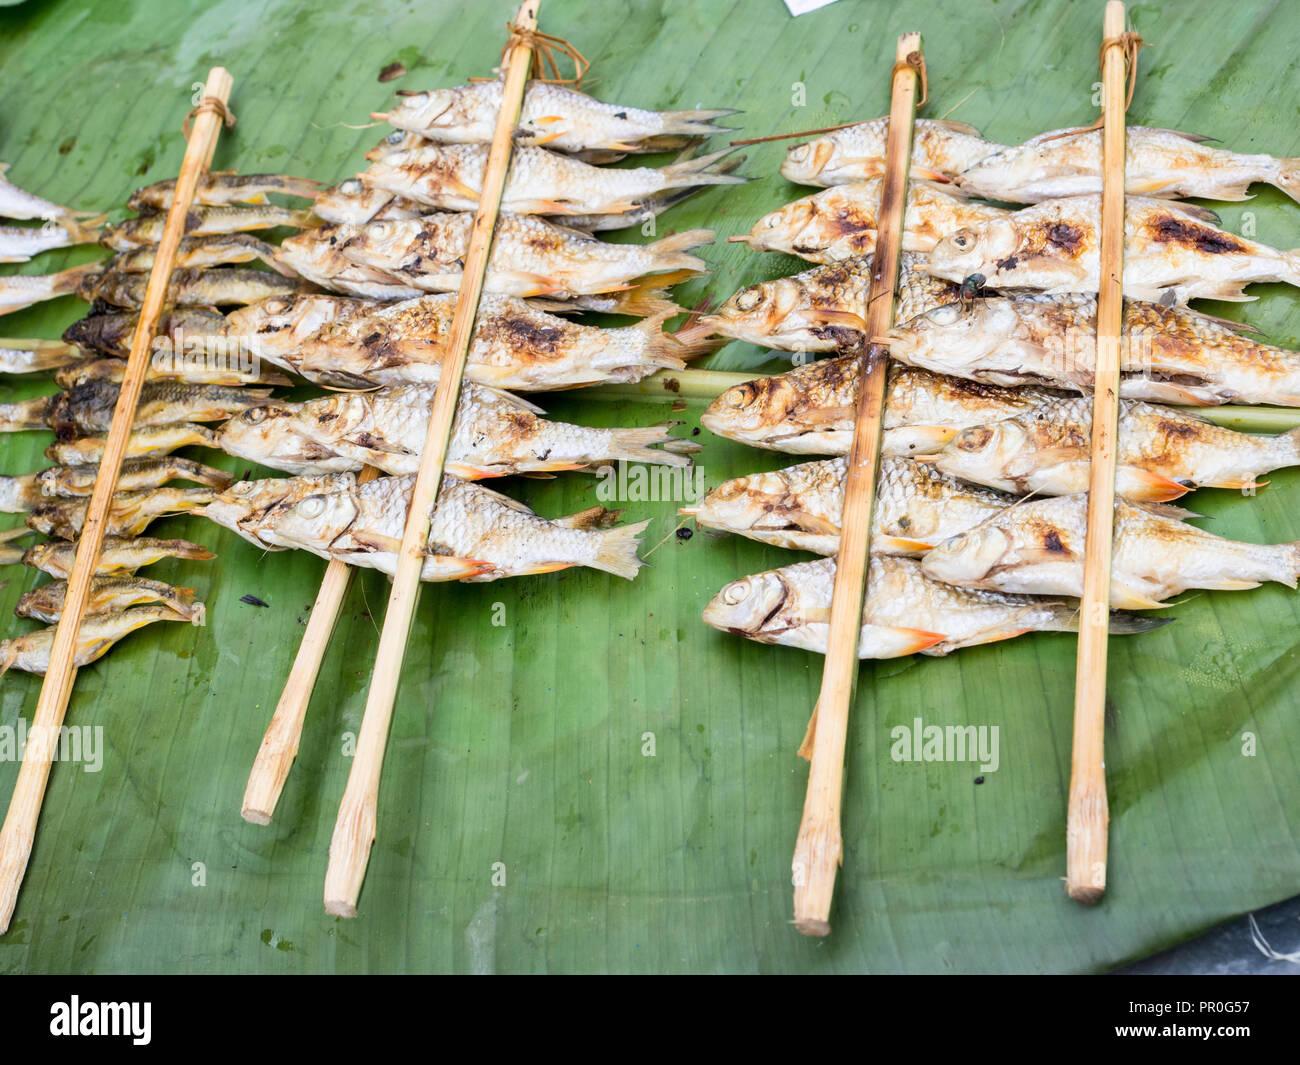 Grigliata di pesce di fiume da un mercato all'aperto Nong Khiaw, Laos, Indocina, Asia sud-orientale, Asia Immagini Stock